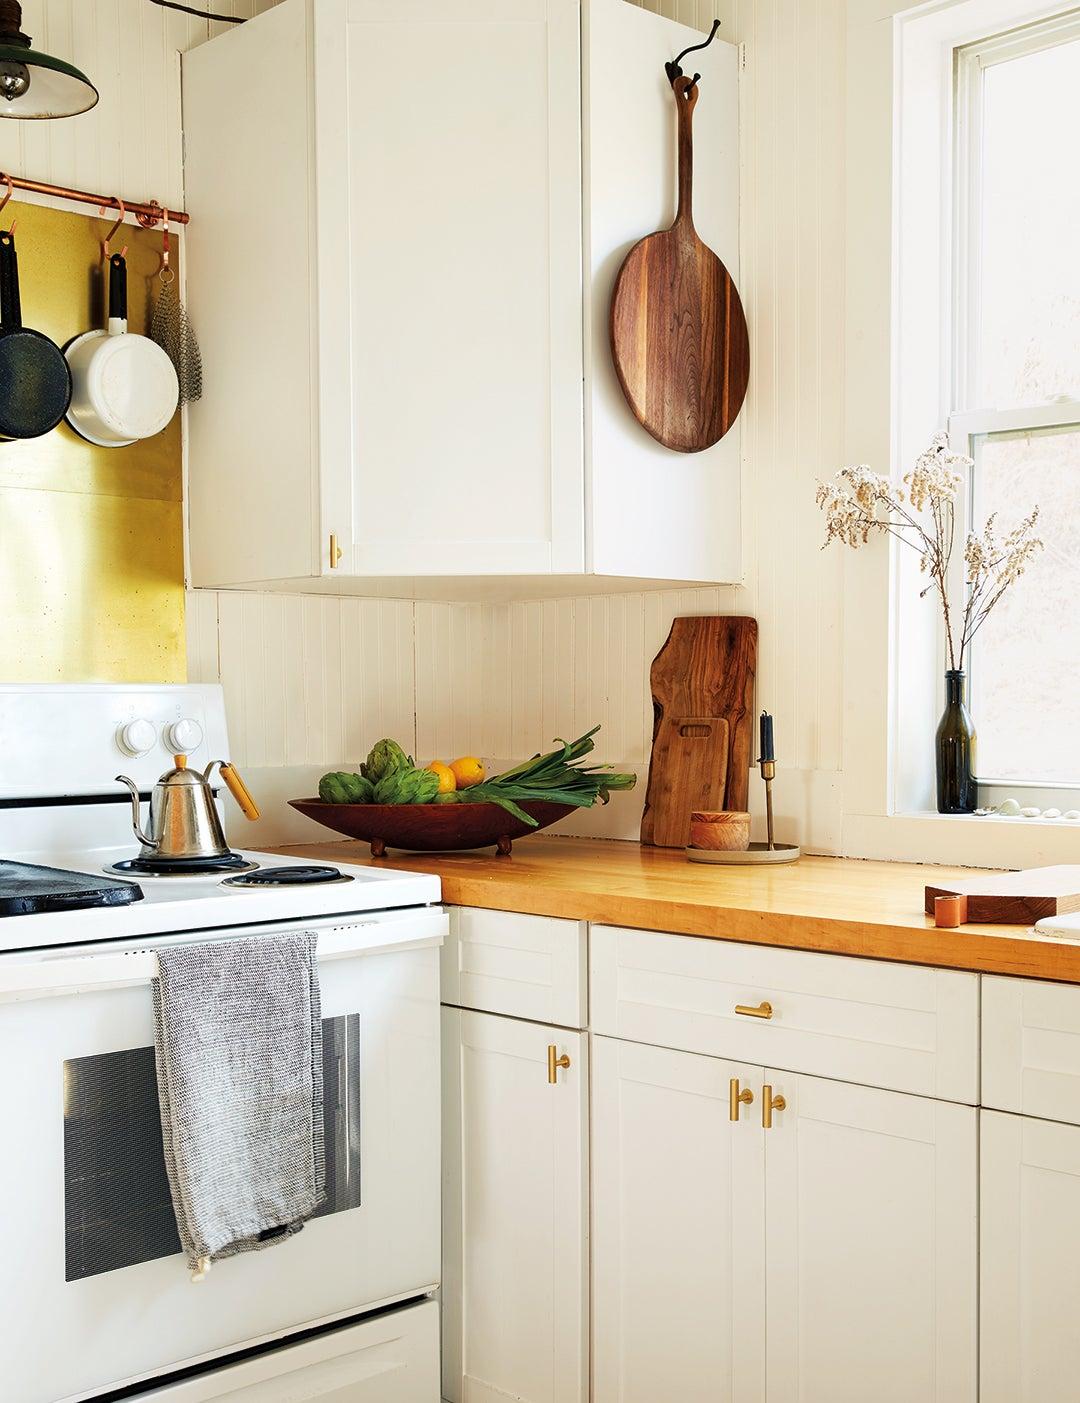 00-FEATURE-upper-corner-kitchen-cabinet-organization-ideas-domino